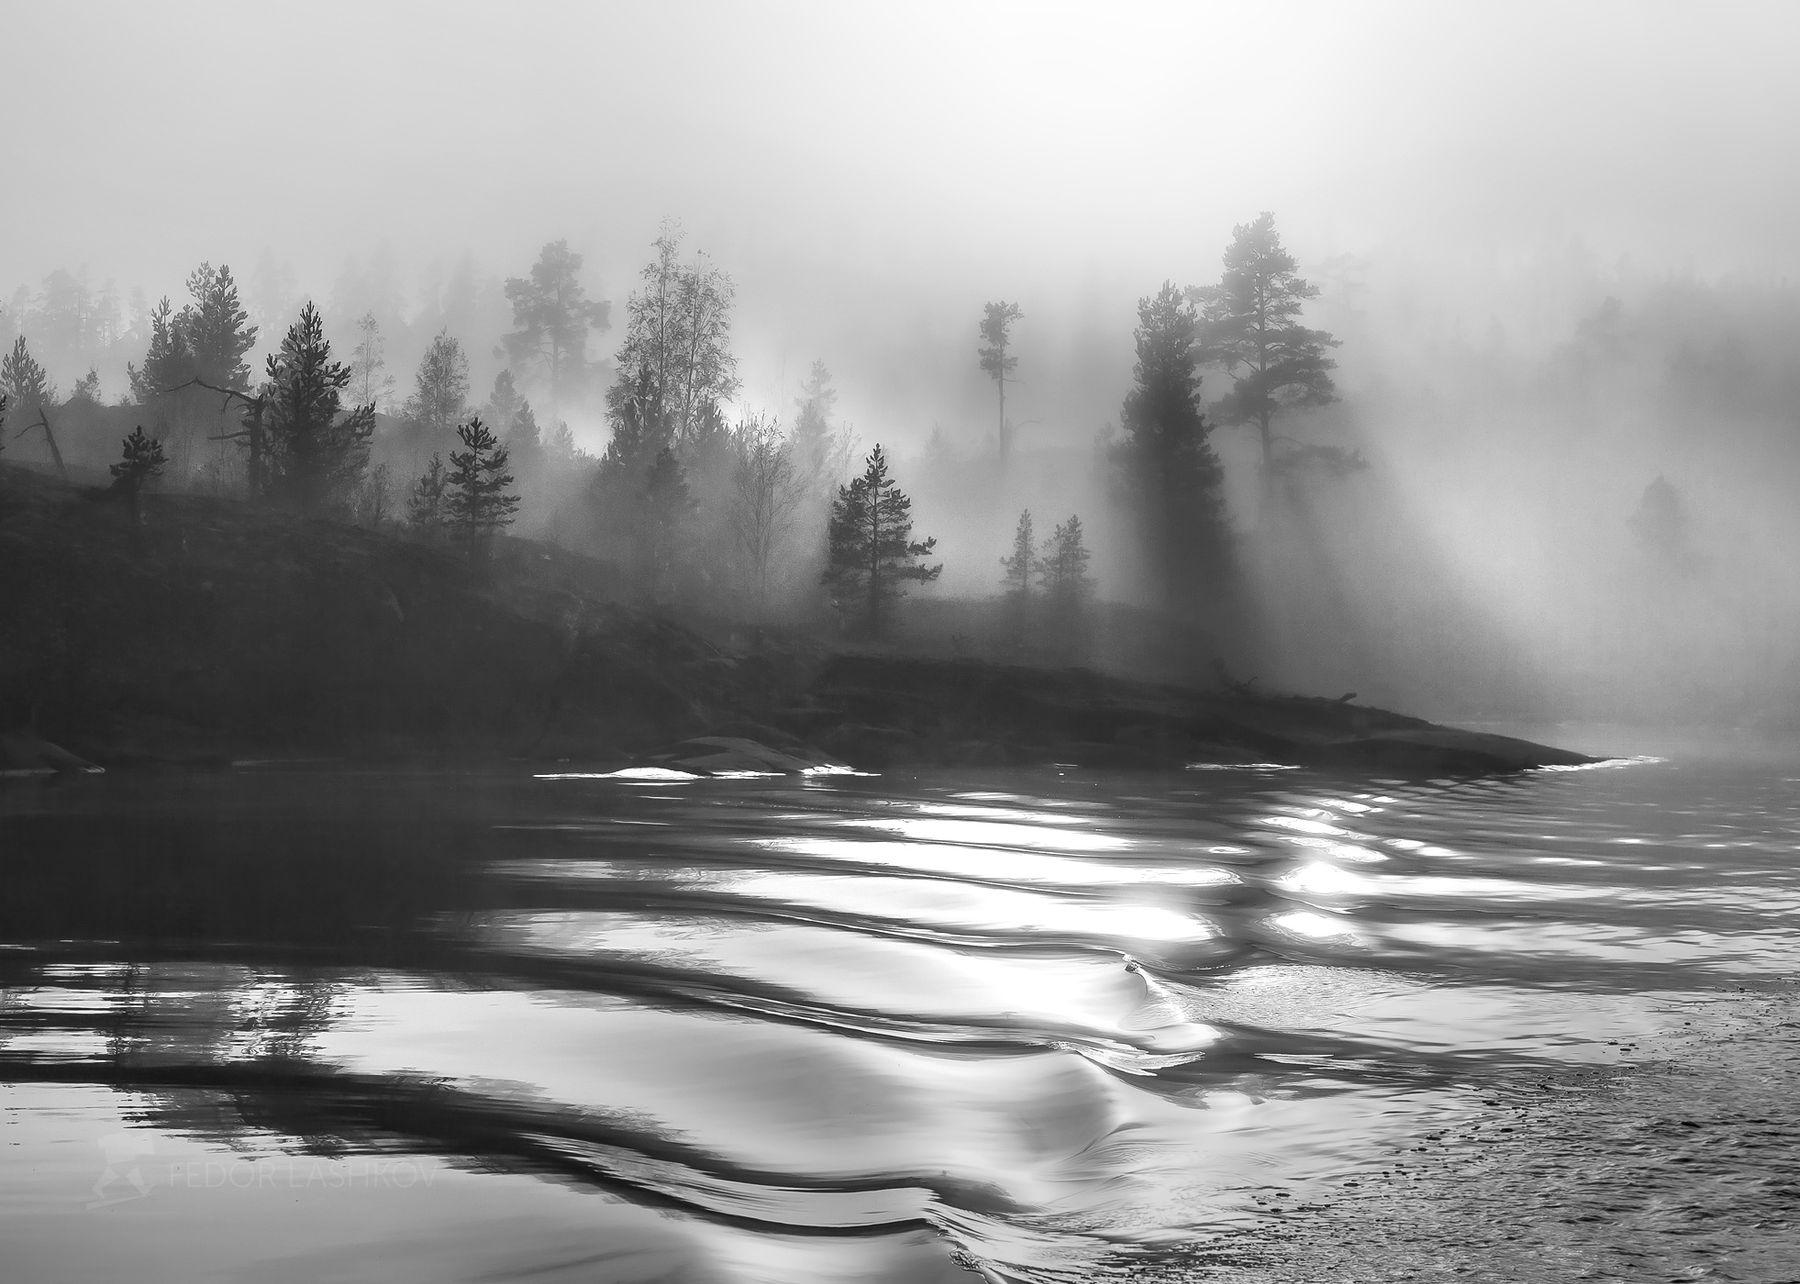 Туманный бархат Чёрно-белое пейзаж шхеры национальный парк Ладога Ладожское озеро берег сосна дерево солнце водоём туман туманный лучи волны вода